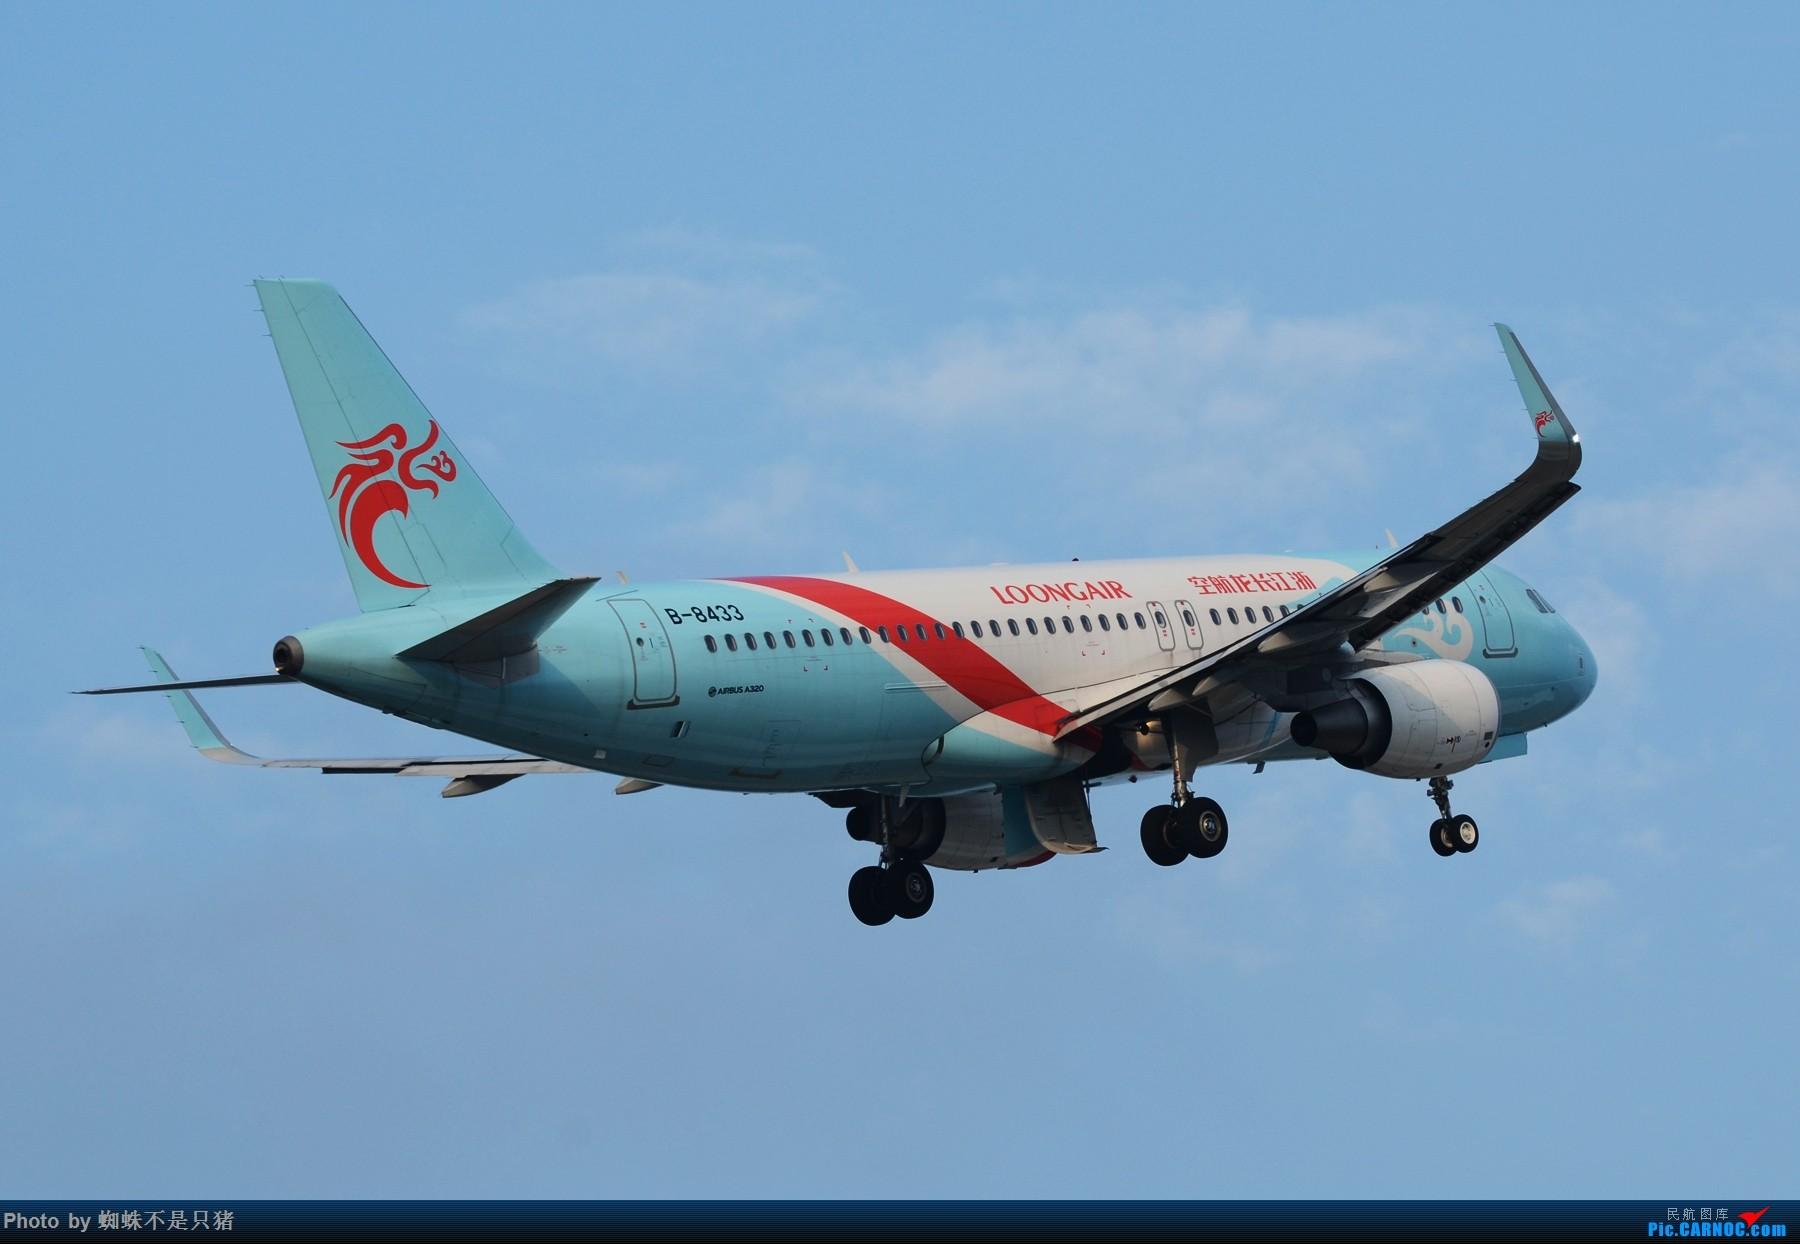 Re:【1800×1200】 十堰武当山机场 13起飞和落地滑行杂图一组